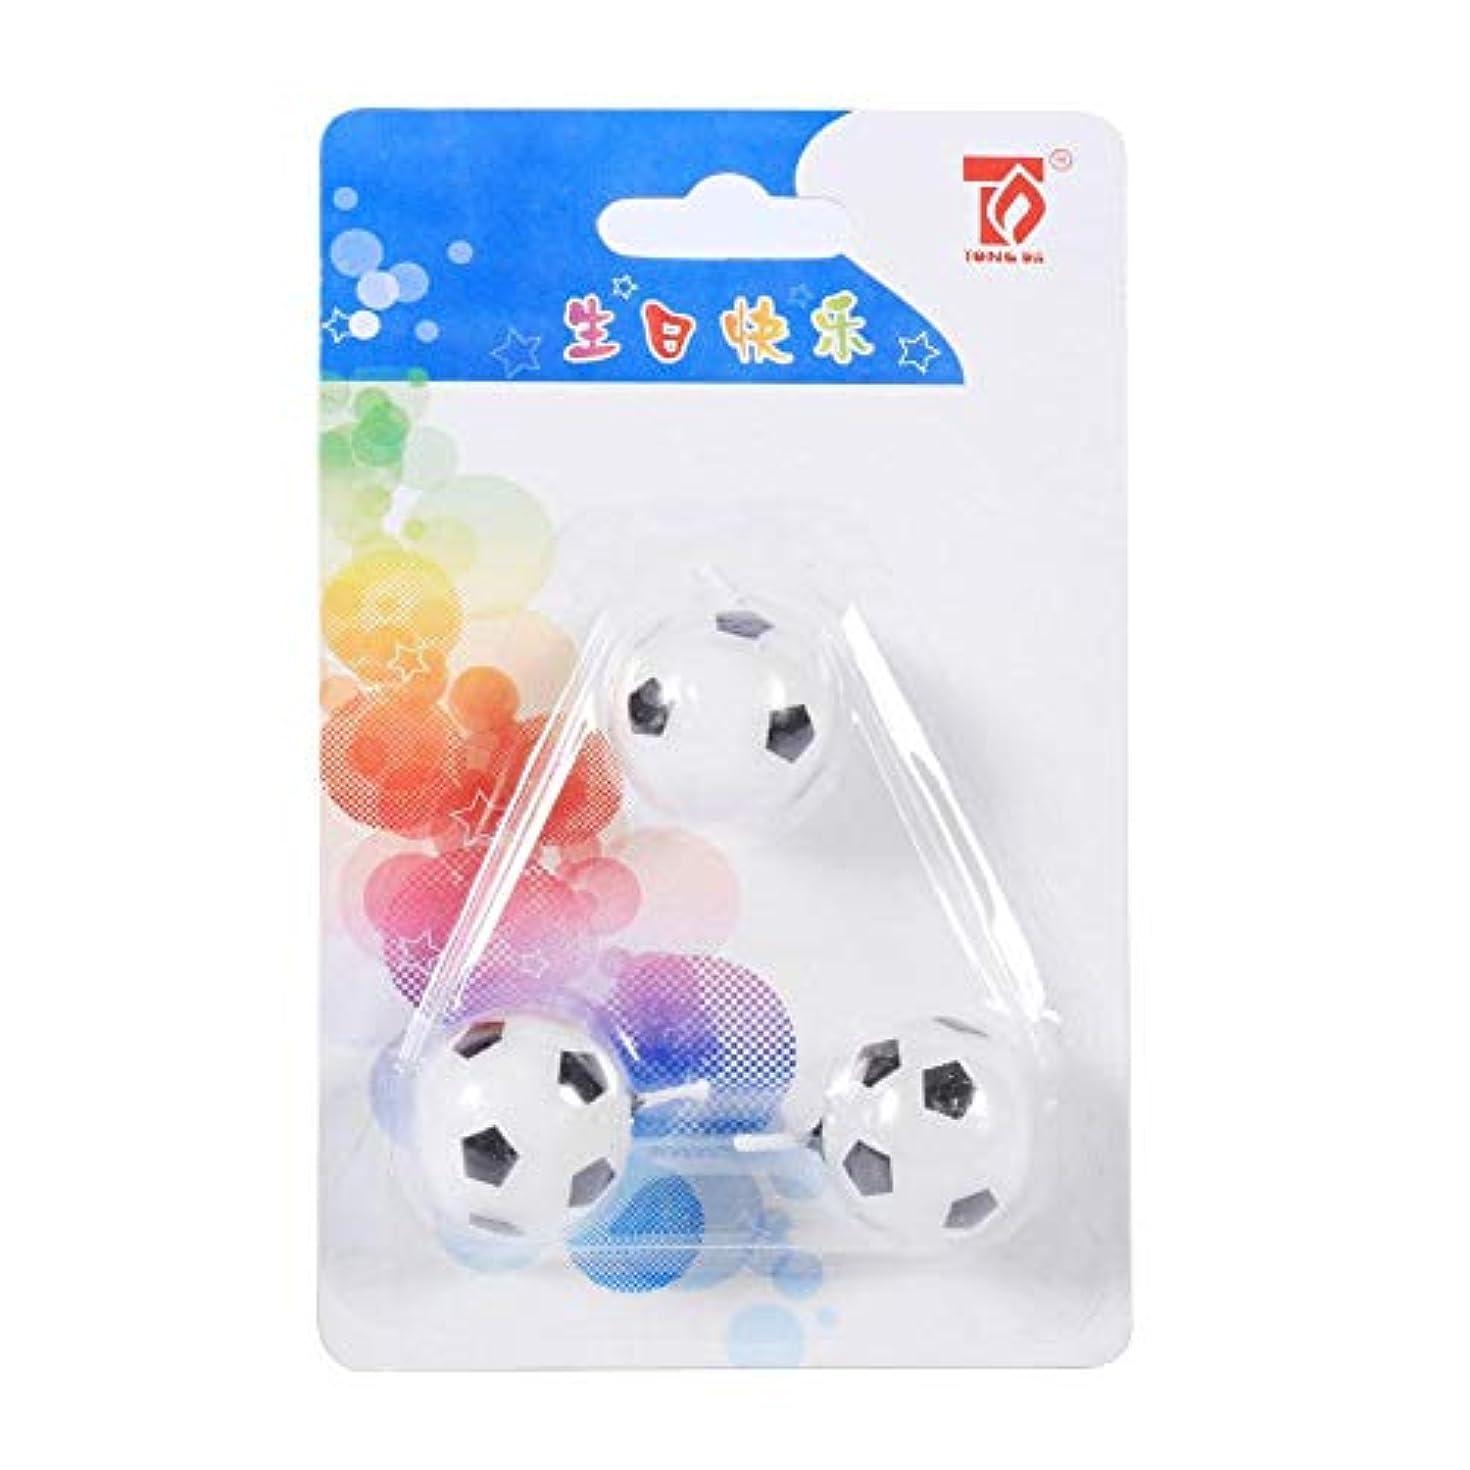 無意味伝記遠近法Eboxer キャンドル サッカーボールキャンドル キャンドル誕生日 子供向 3個入 サッカーボールの形 誕生日 パーティケーキのキャンドル 飾り物 可愛い